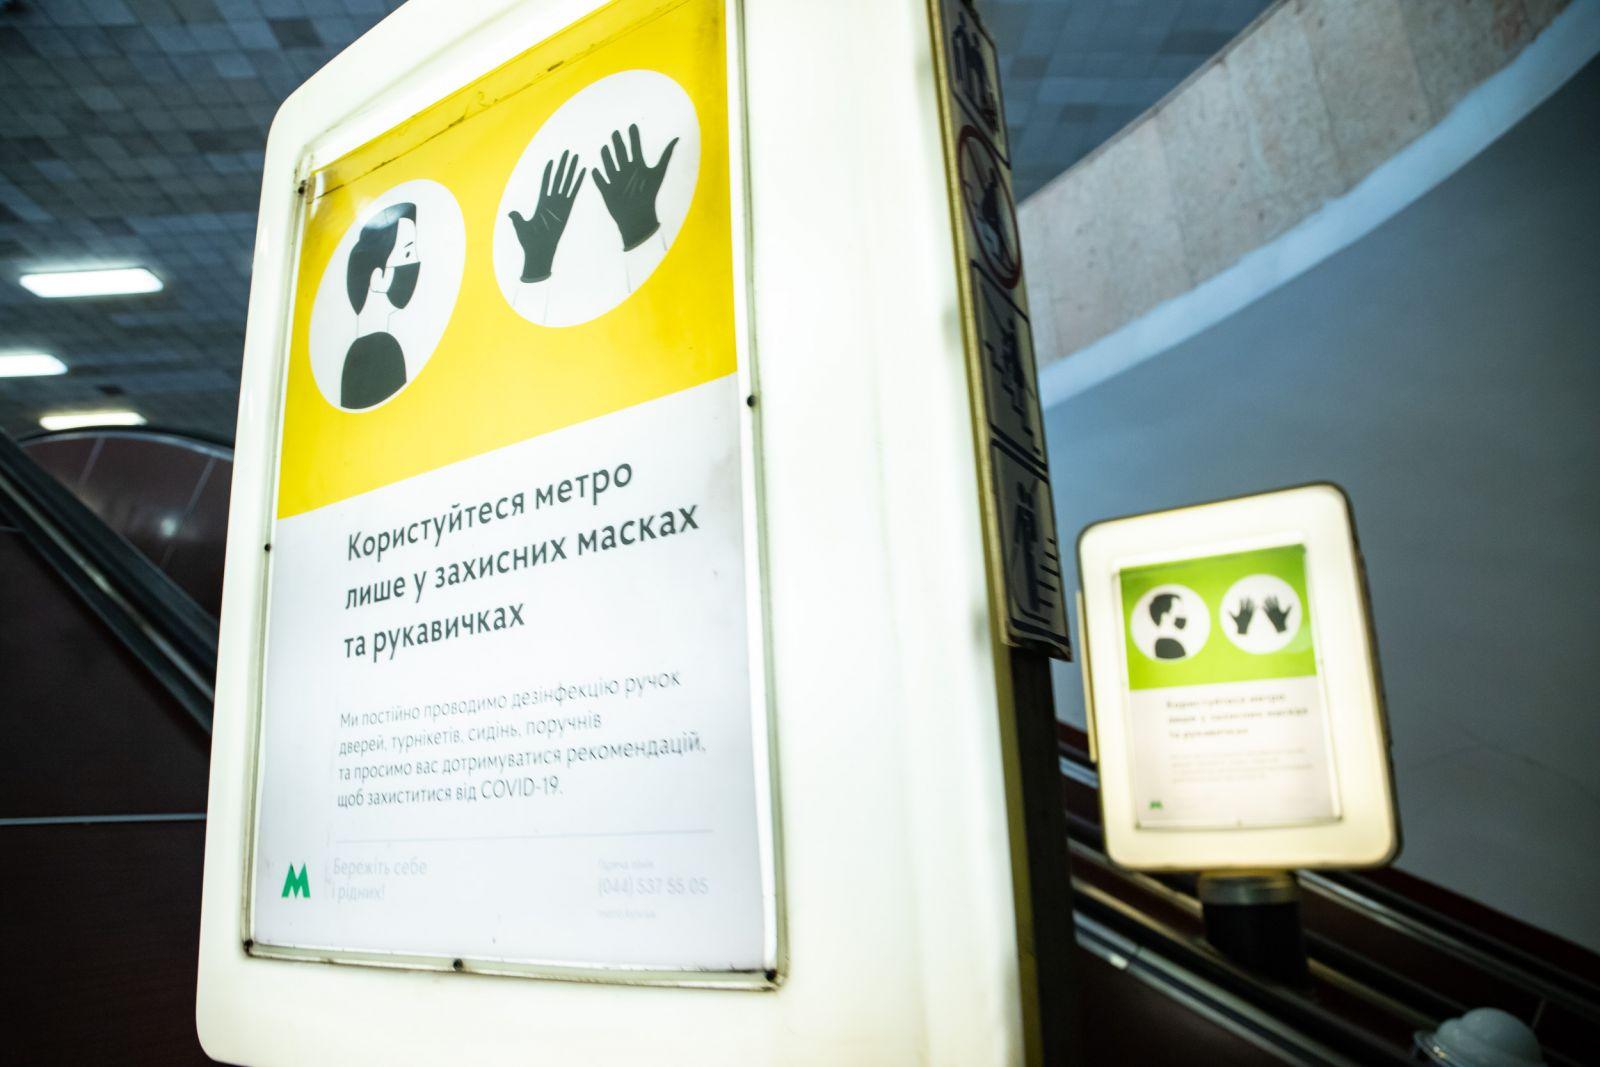 В Киеве после двух месяцев карантина заработало метро: правила проезда